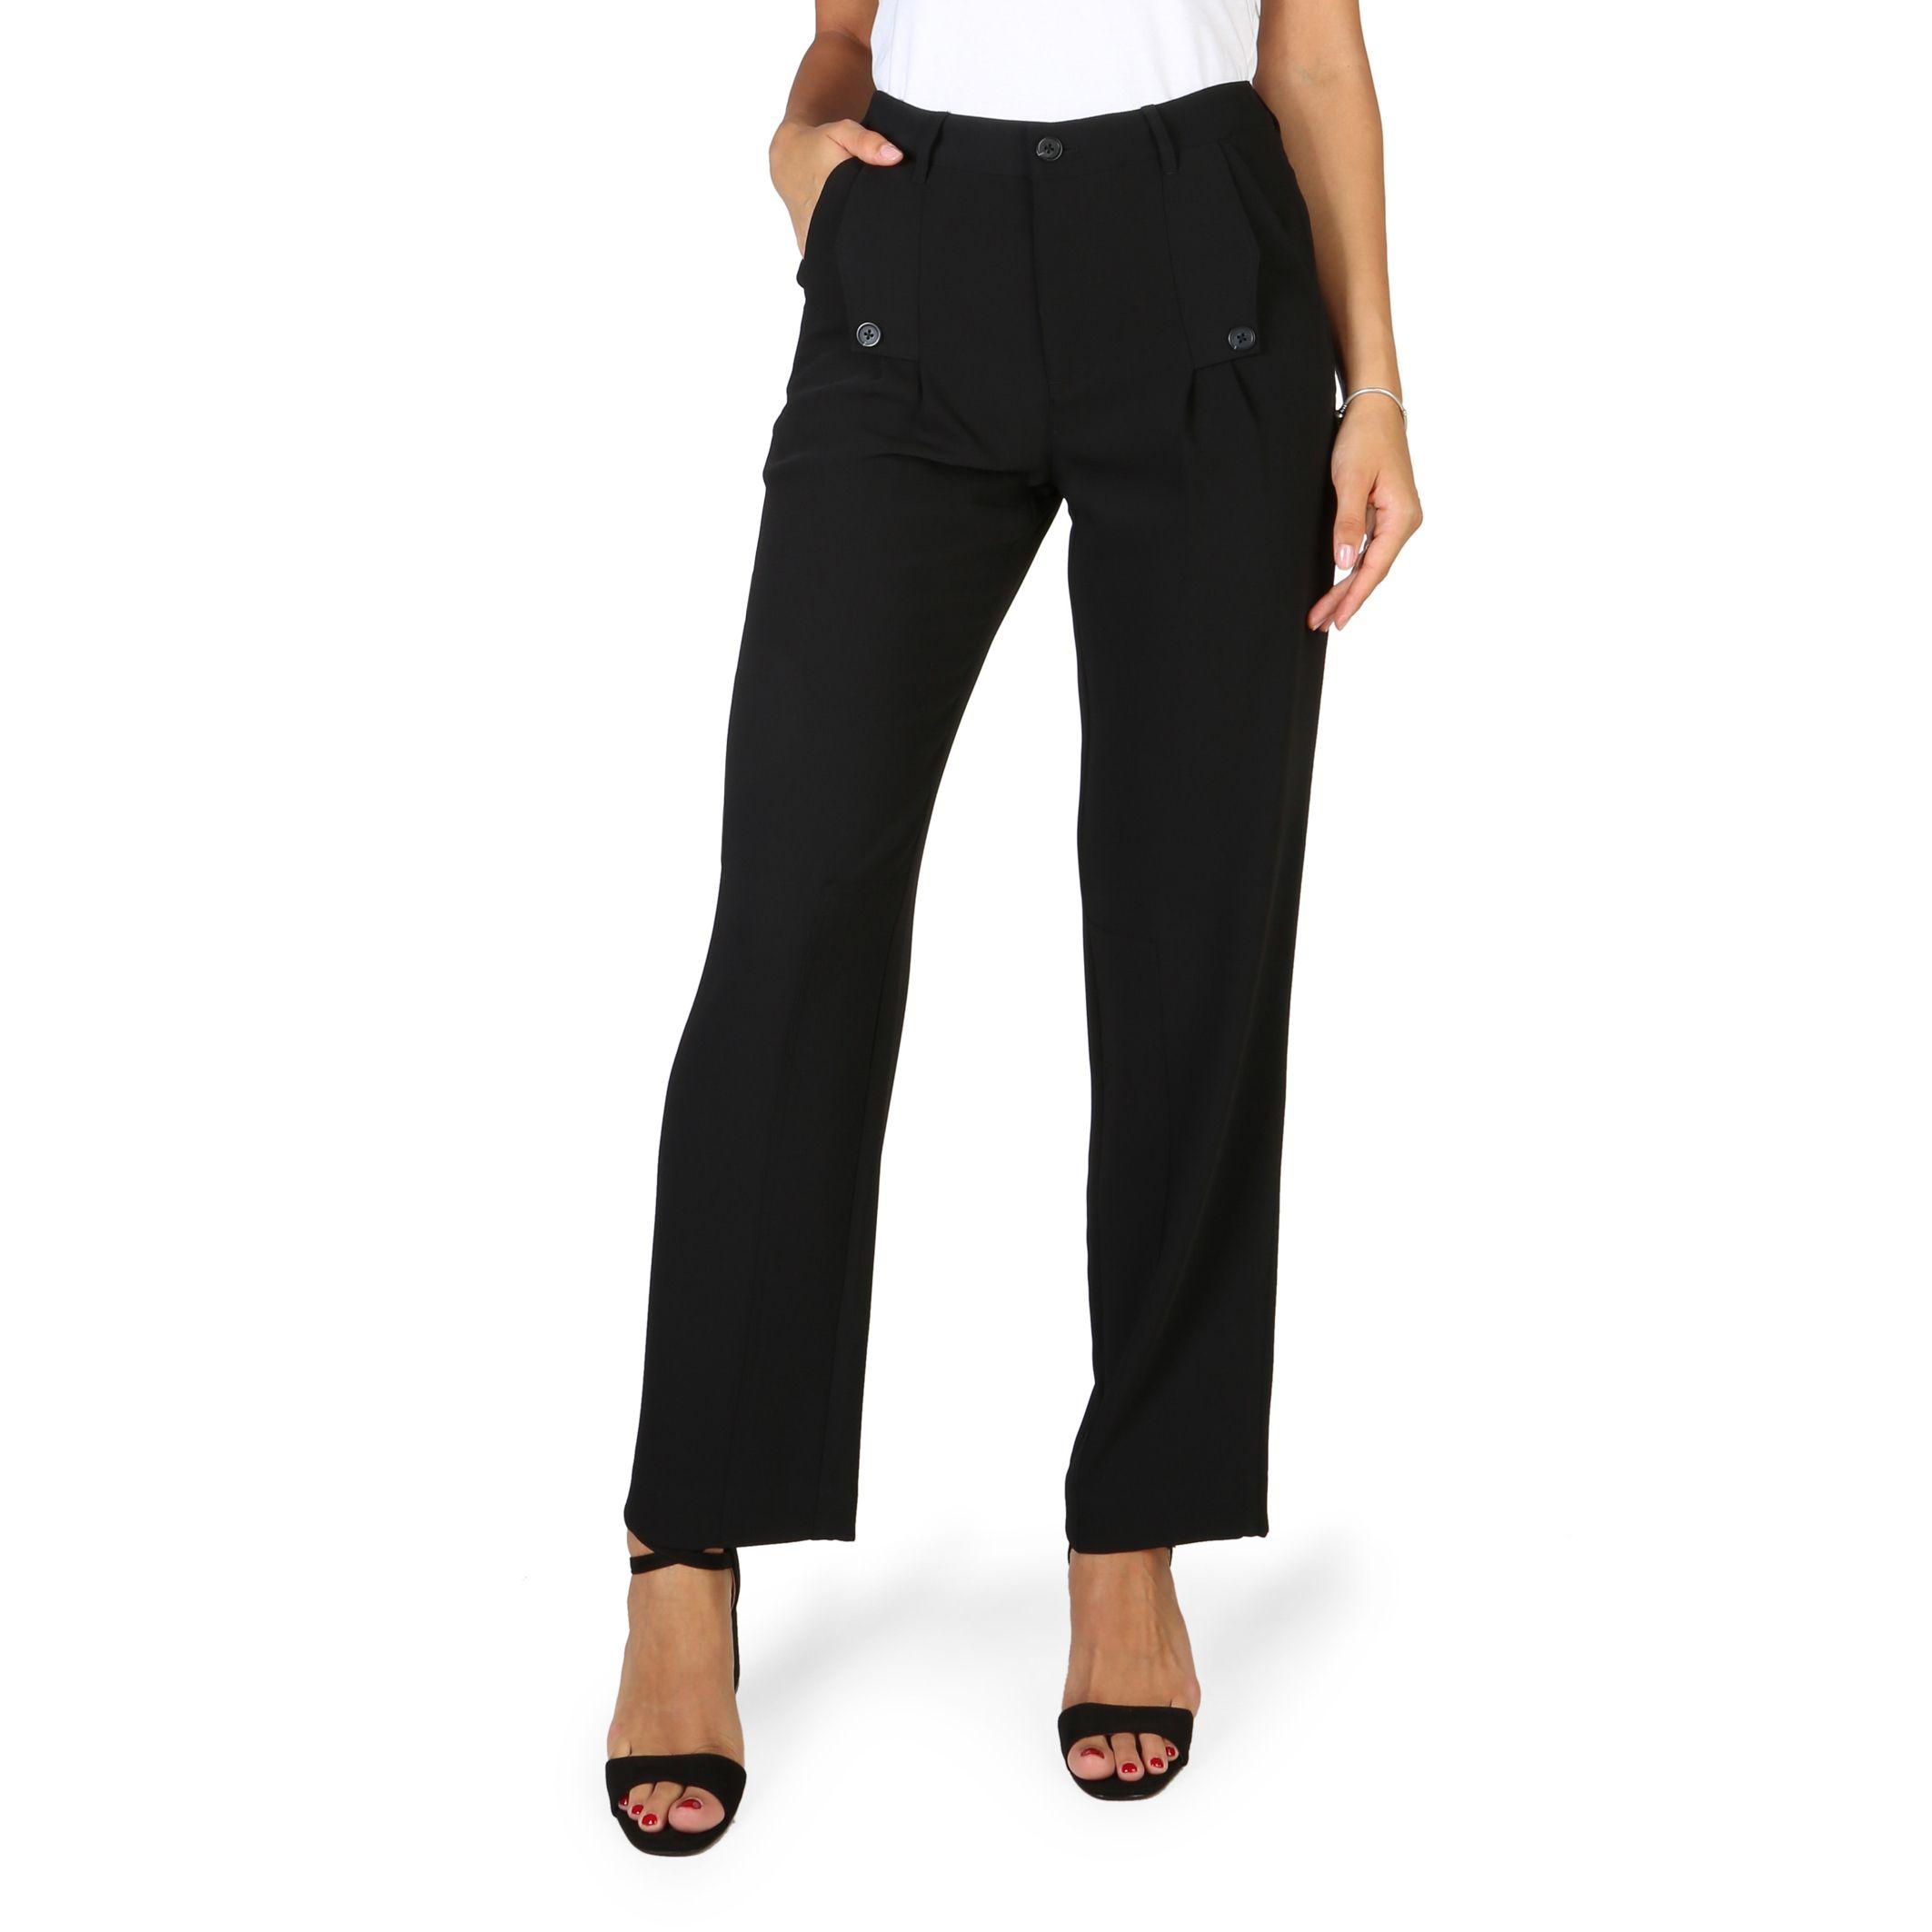 Pantalons Emporio Armani – VJP17TVJ131